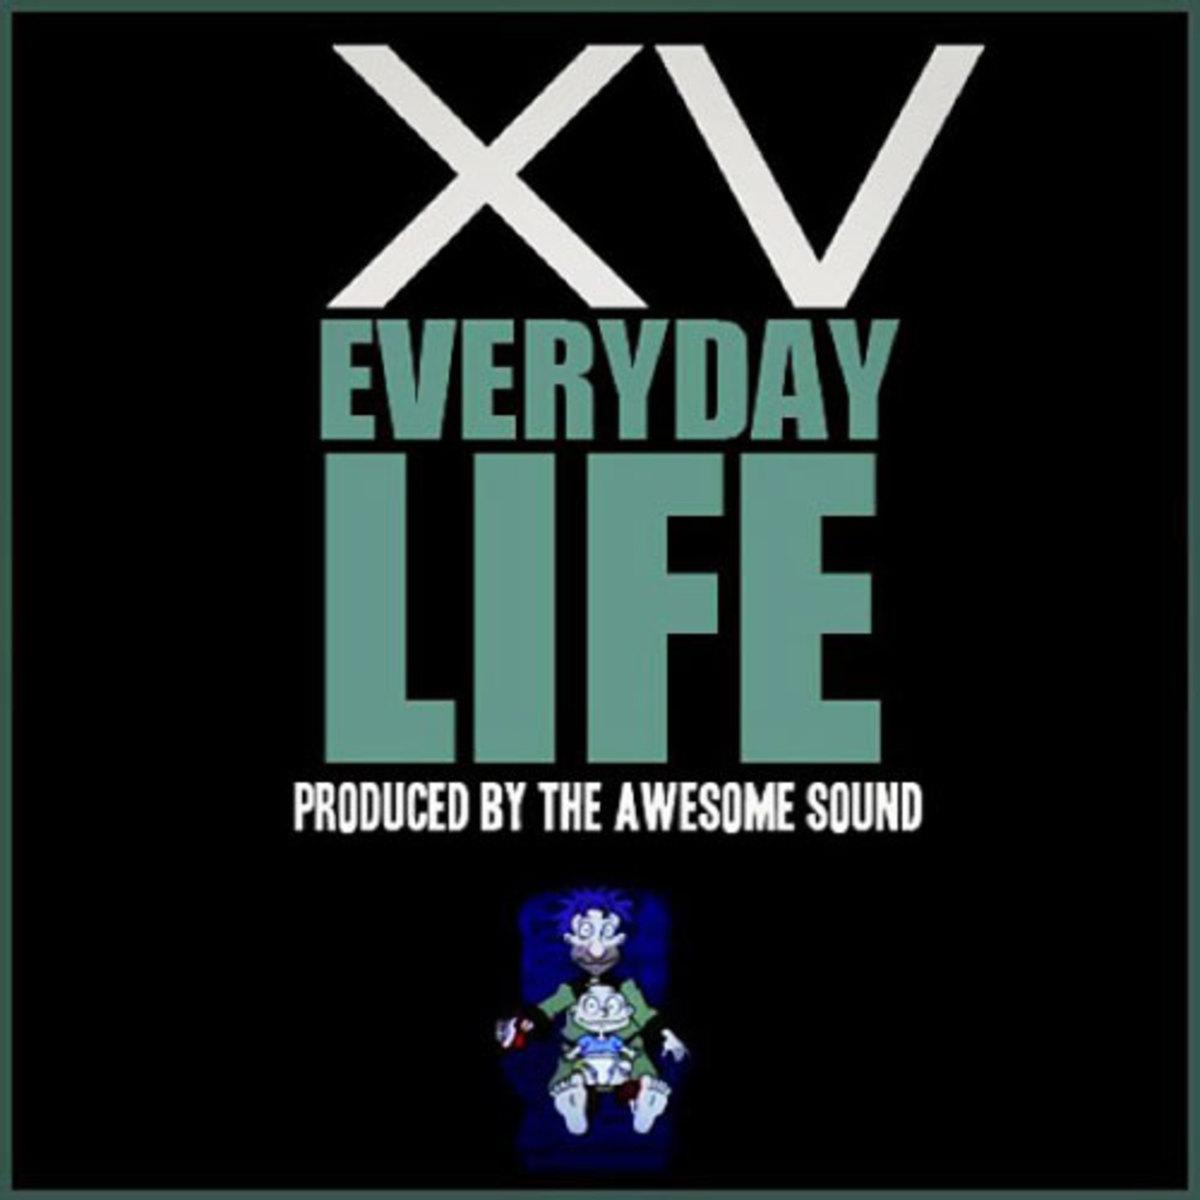 xv-everydaylife.jpg